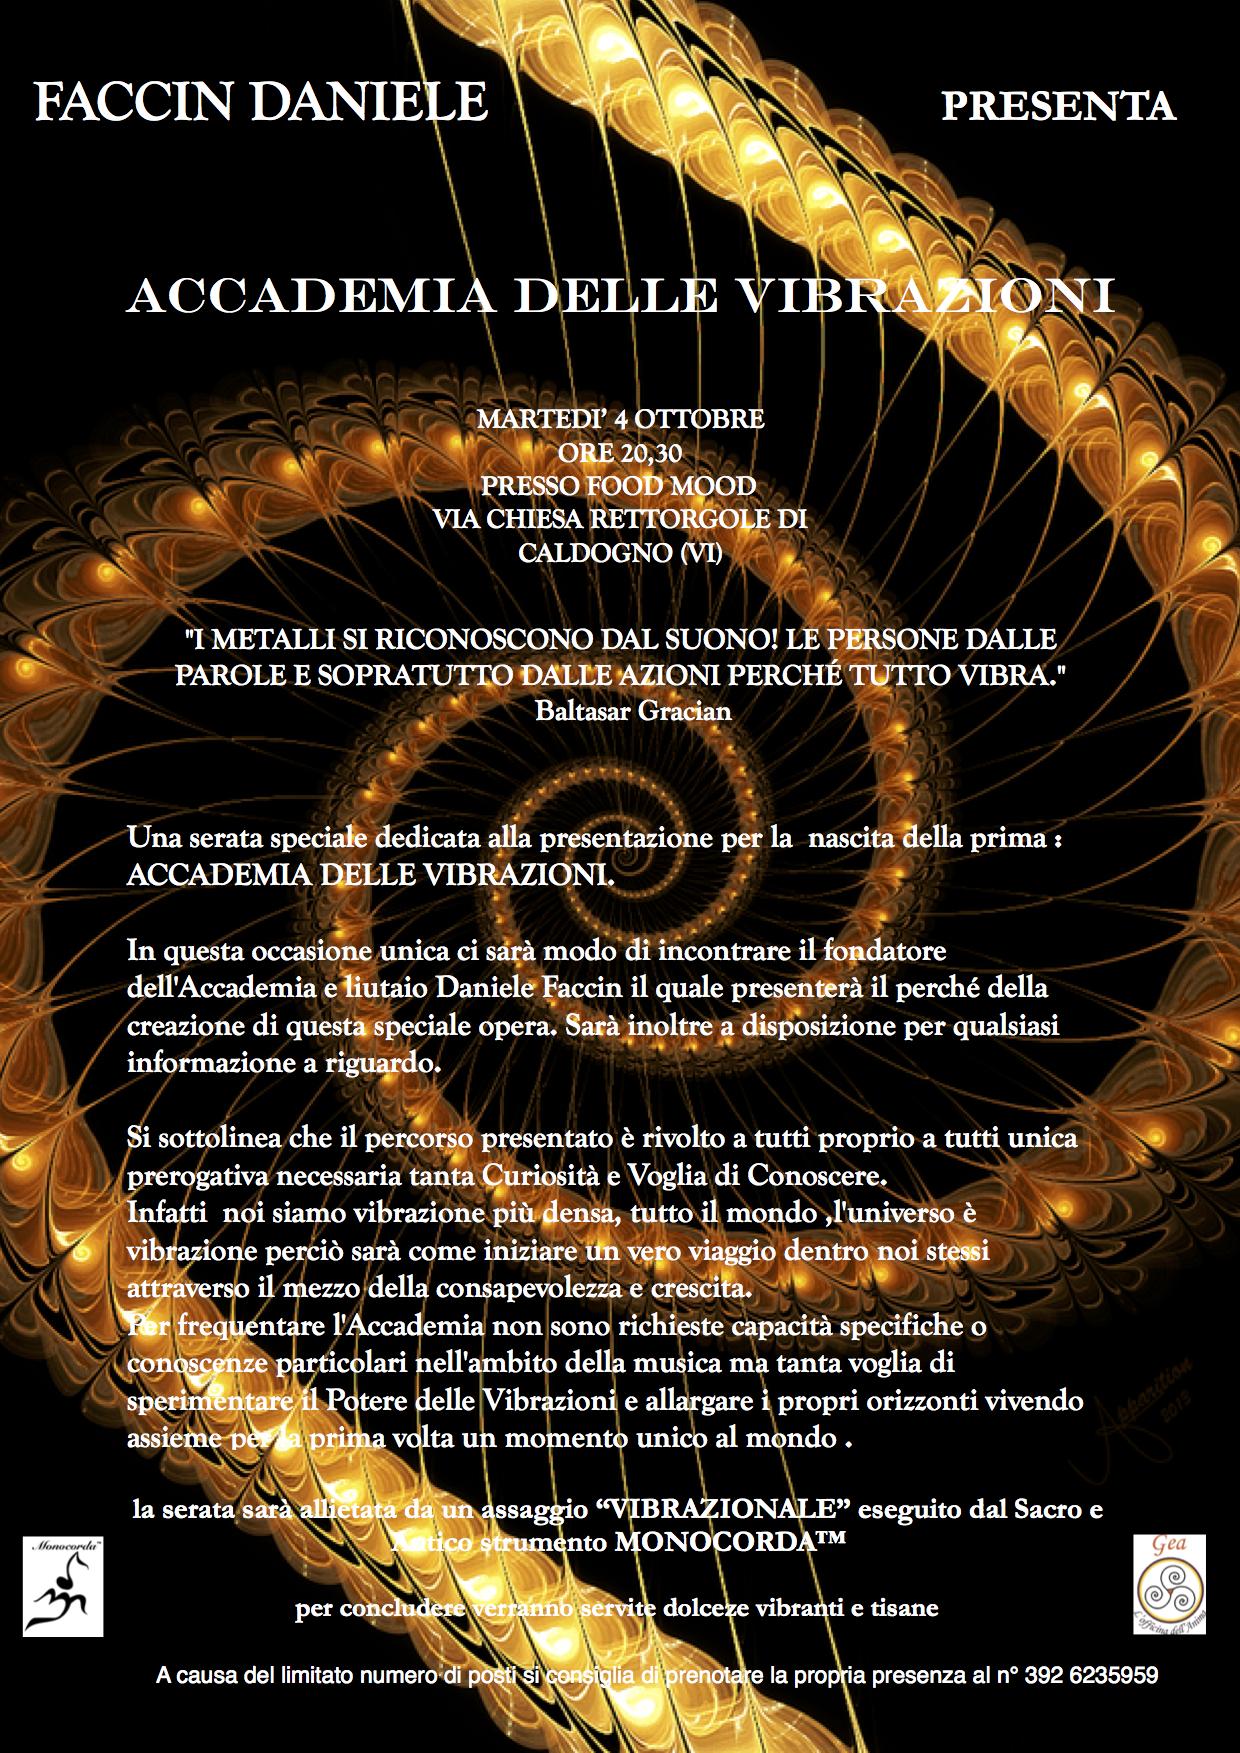 Presentazione dell'Accademia delle Vibrazioni